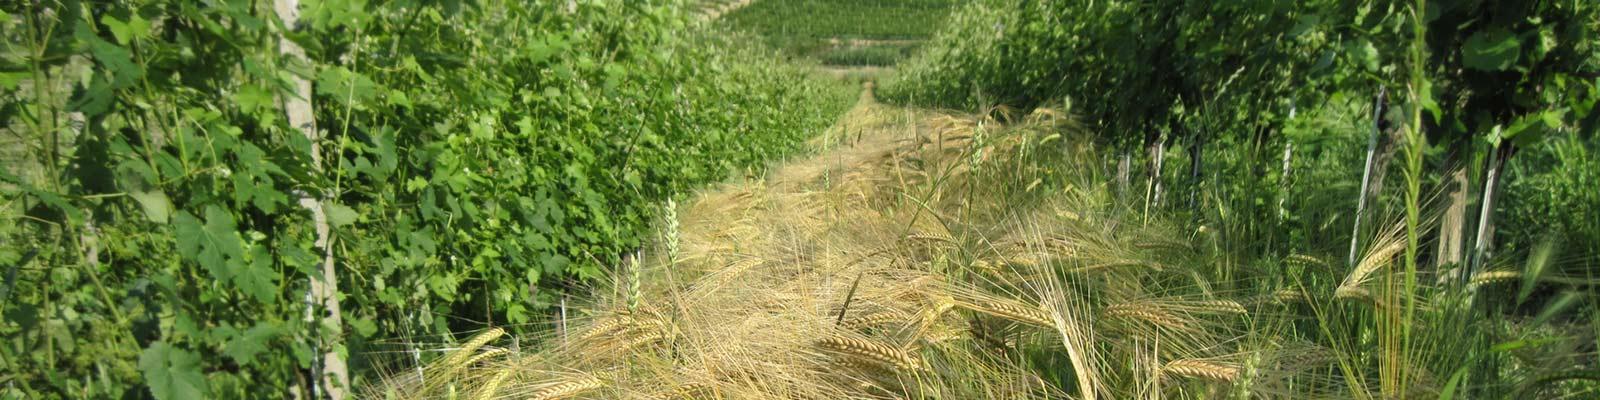 Biodiversita - Azienda Agricola Negro Angelo e Figli